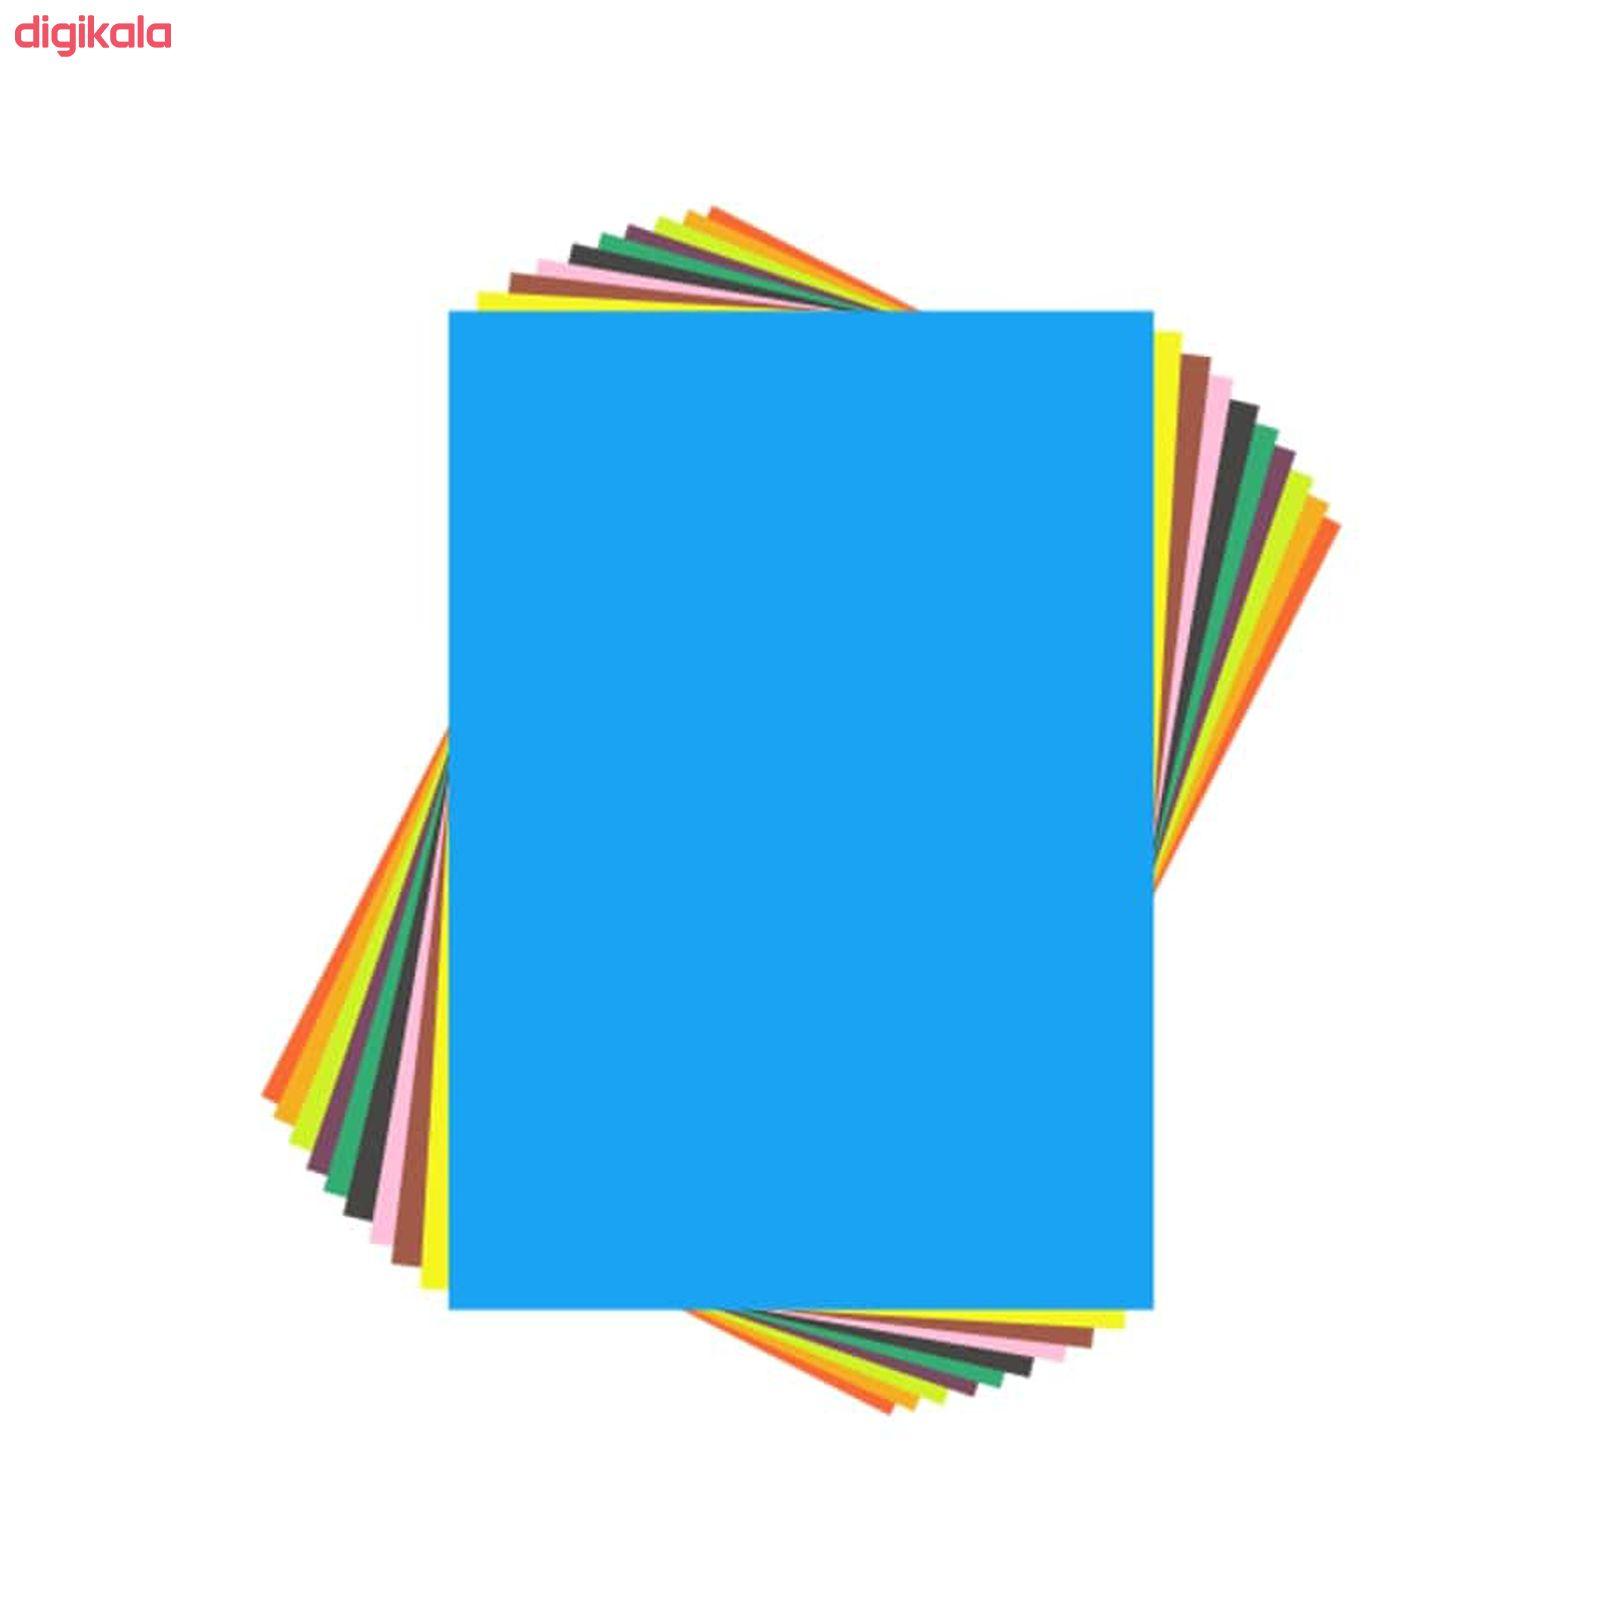 کاغذ رنگی a4 کد77 بسته 10 عددی main 1 1